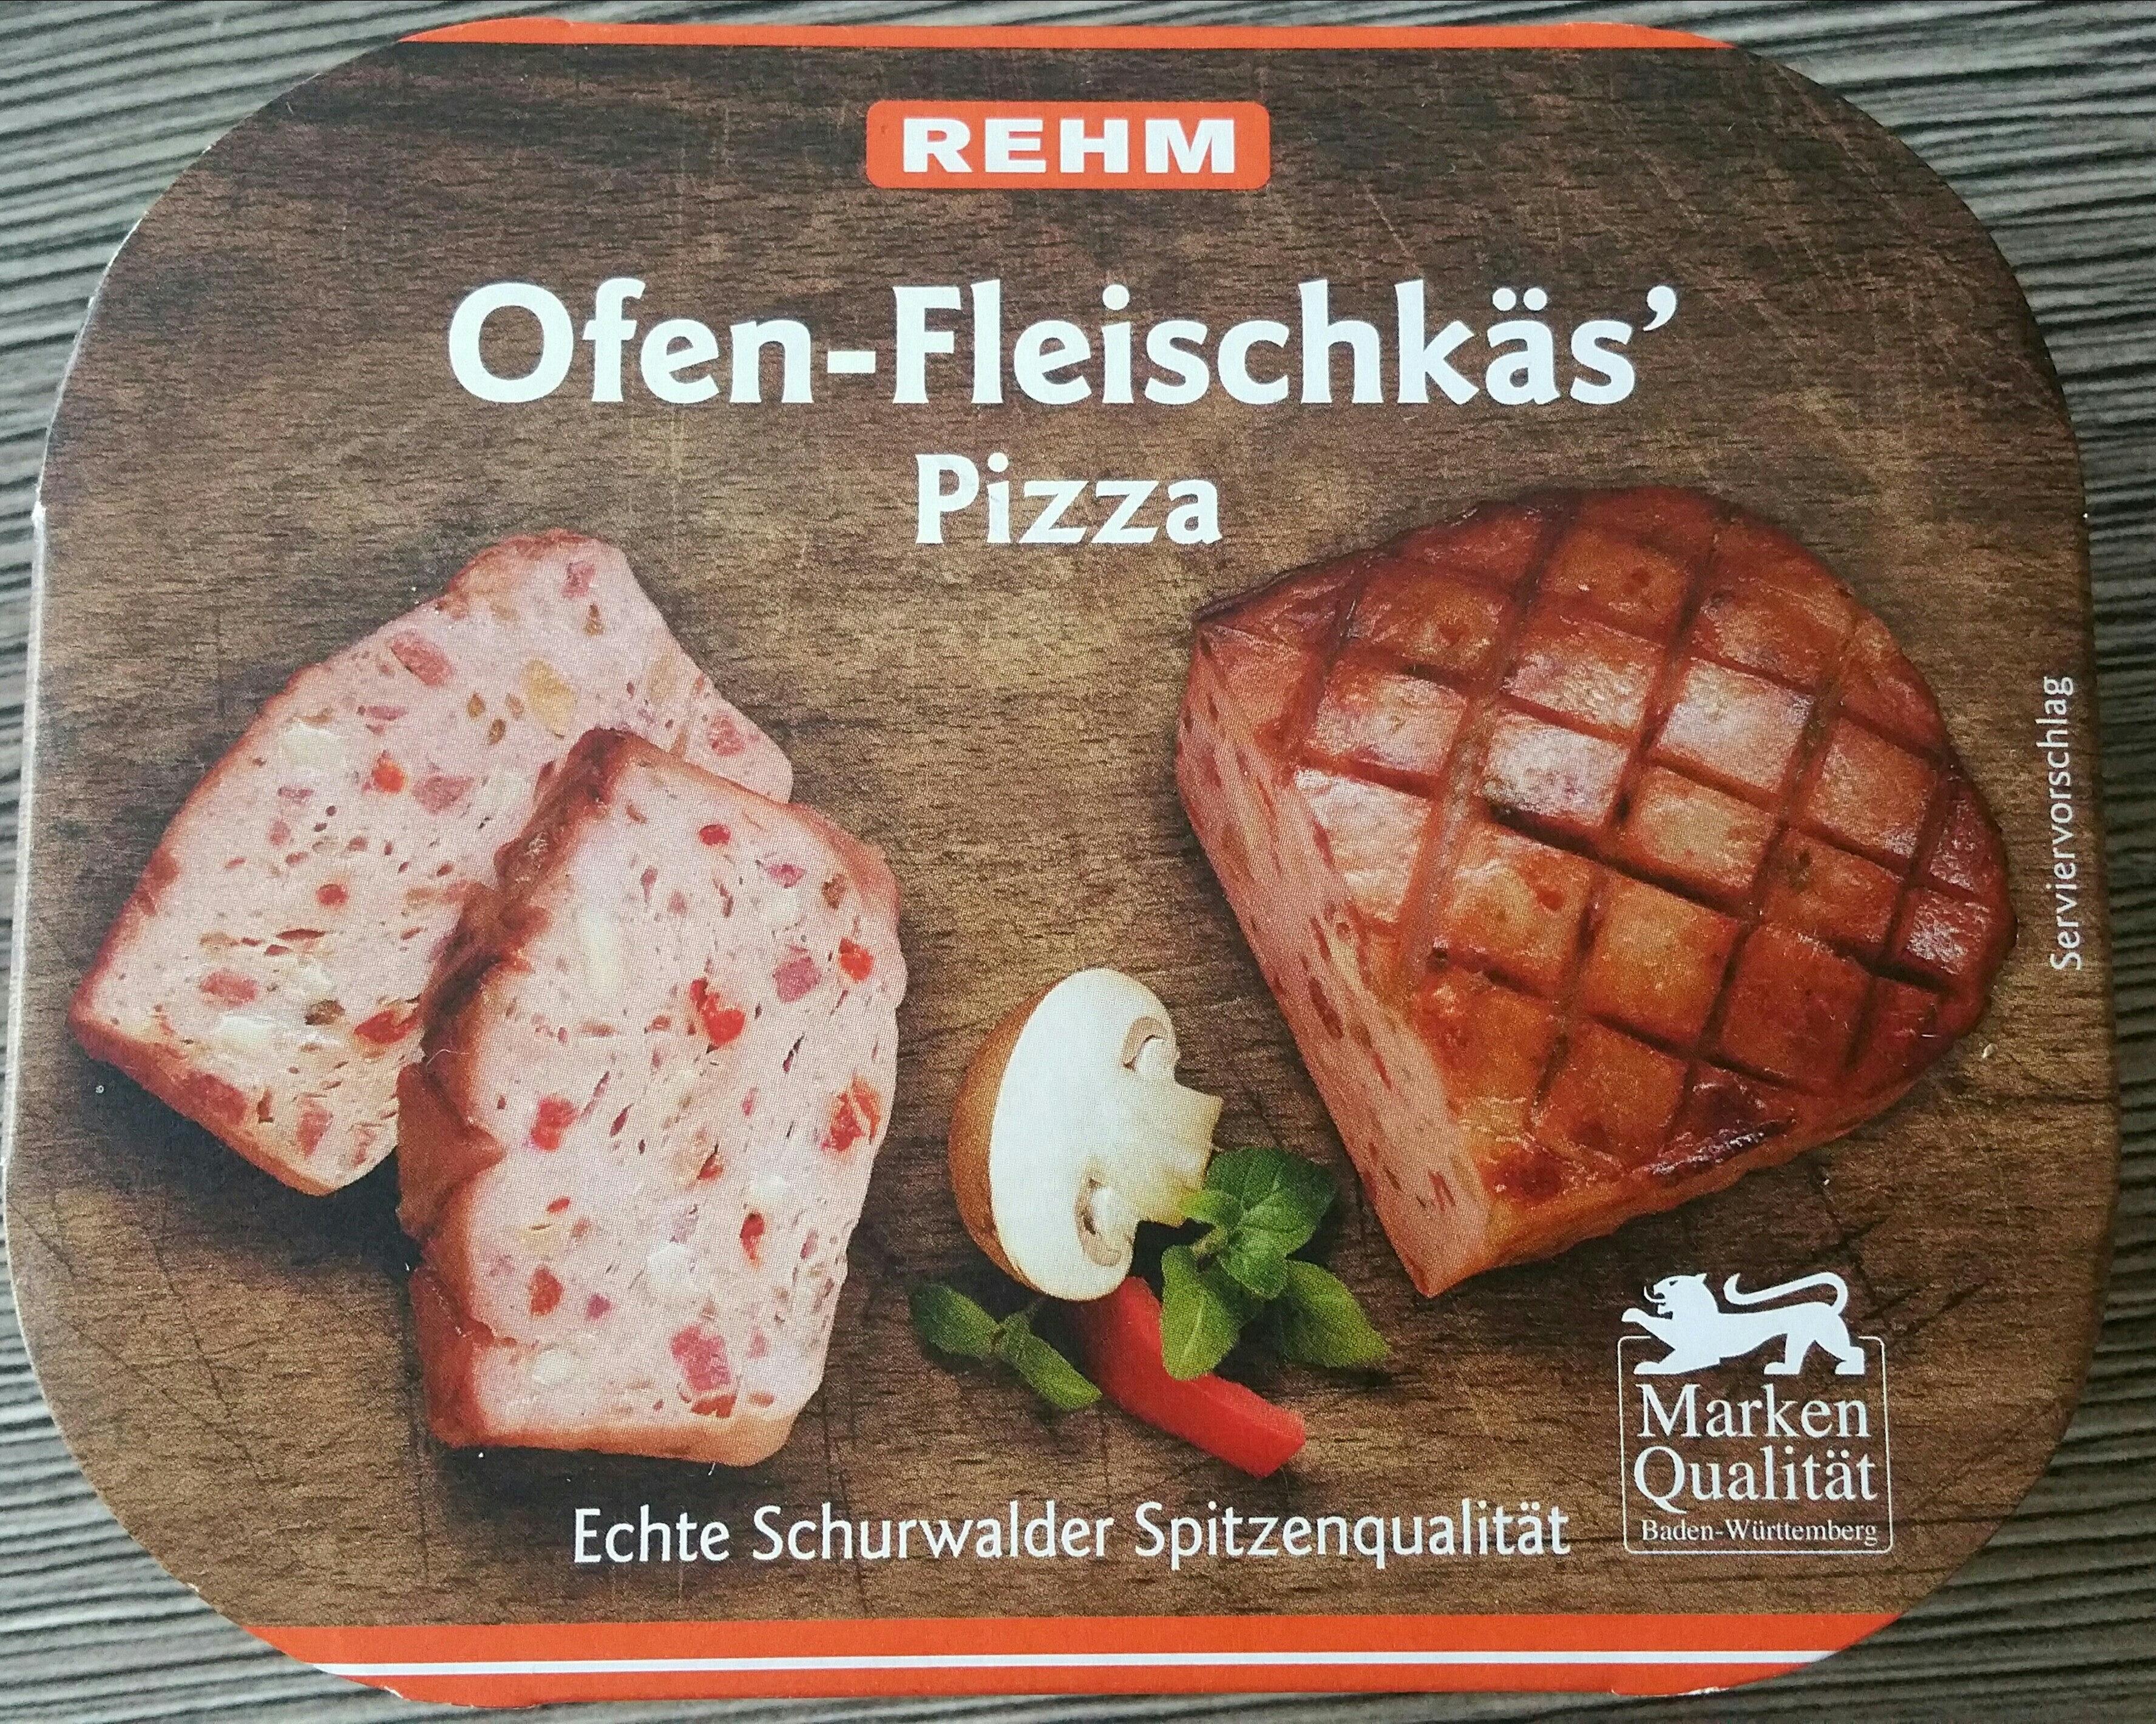 Ofen-Fleischkäse Pizza - Product